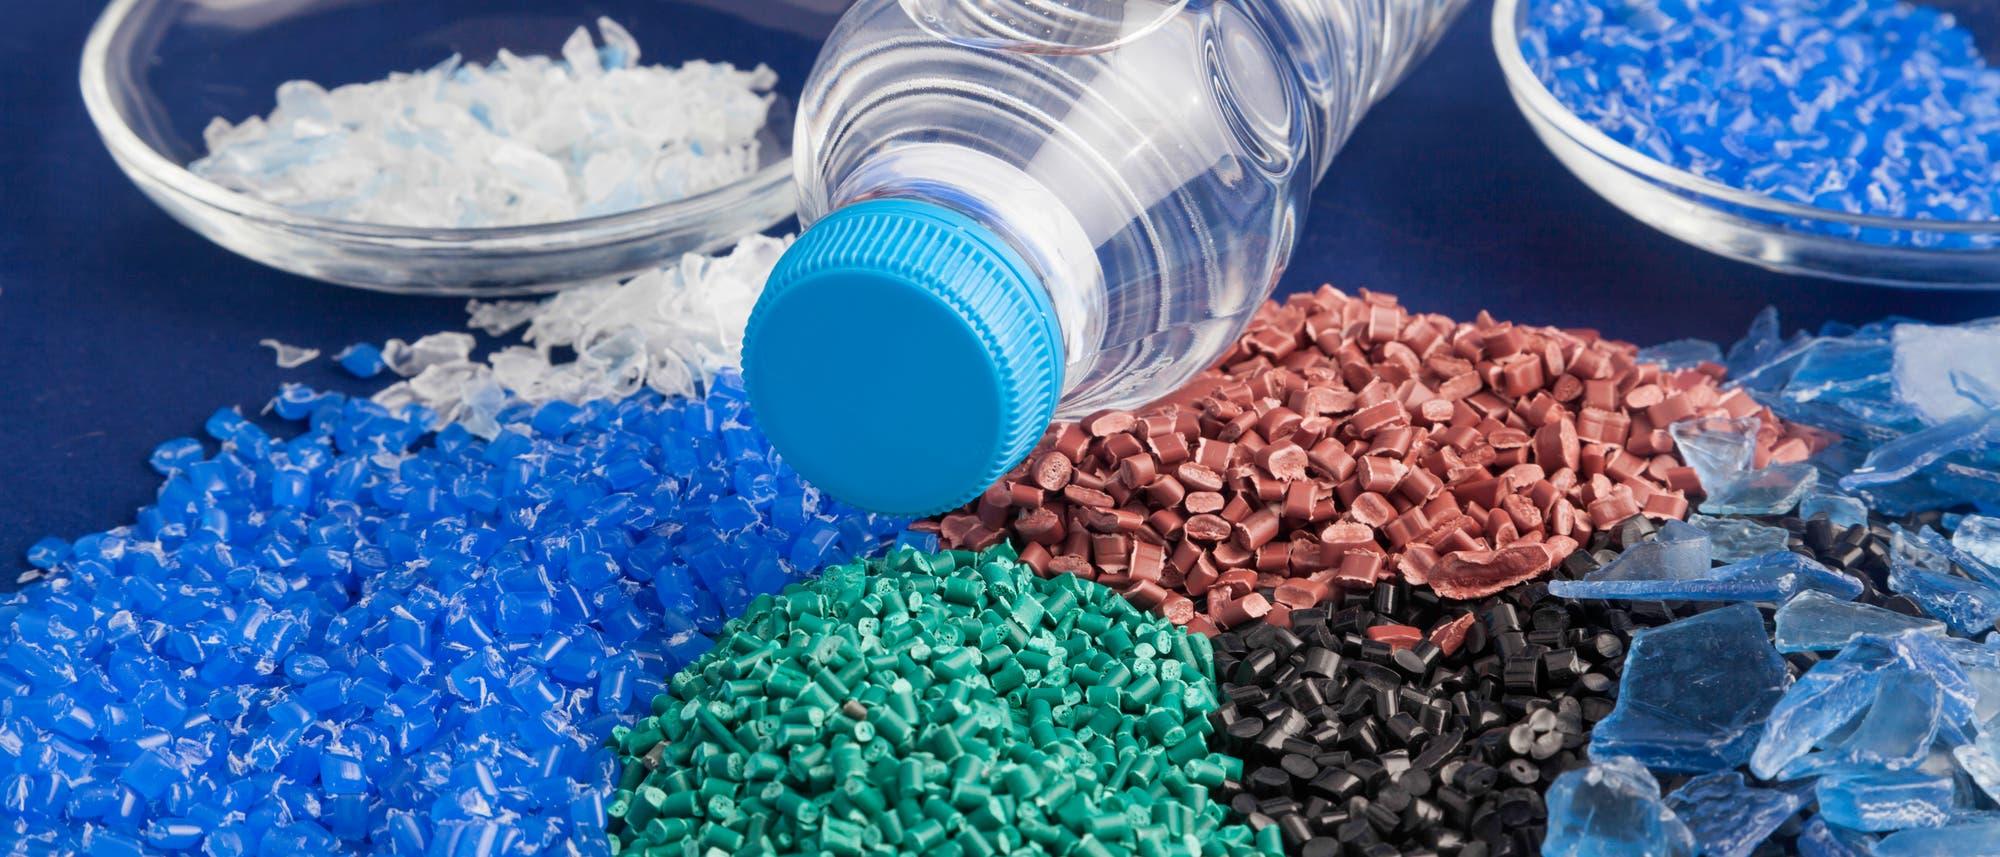 Plastikgranulat in verschiedenen Farben, in der Mitte eine PET-Flasche